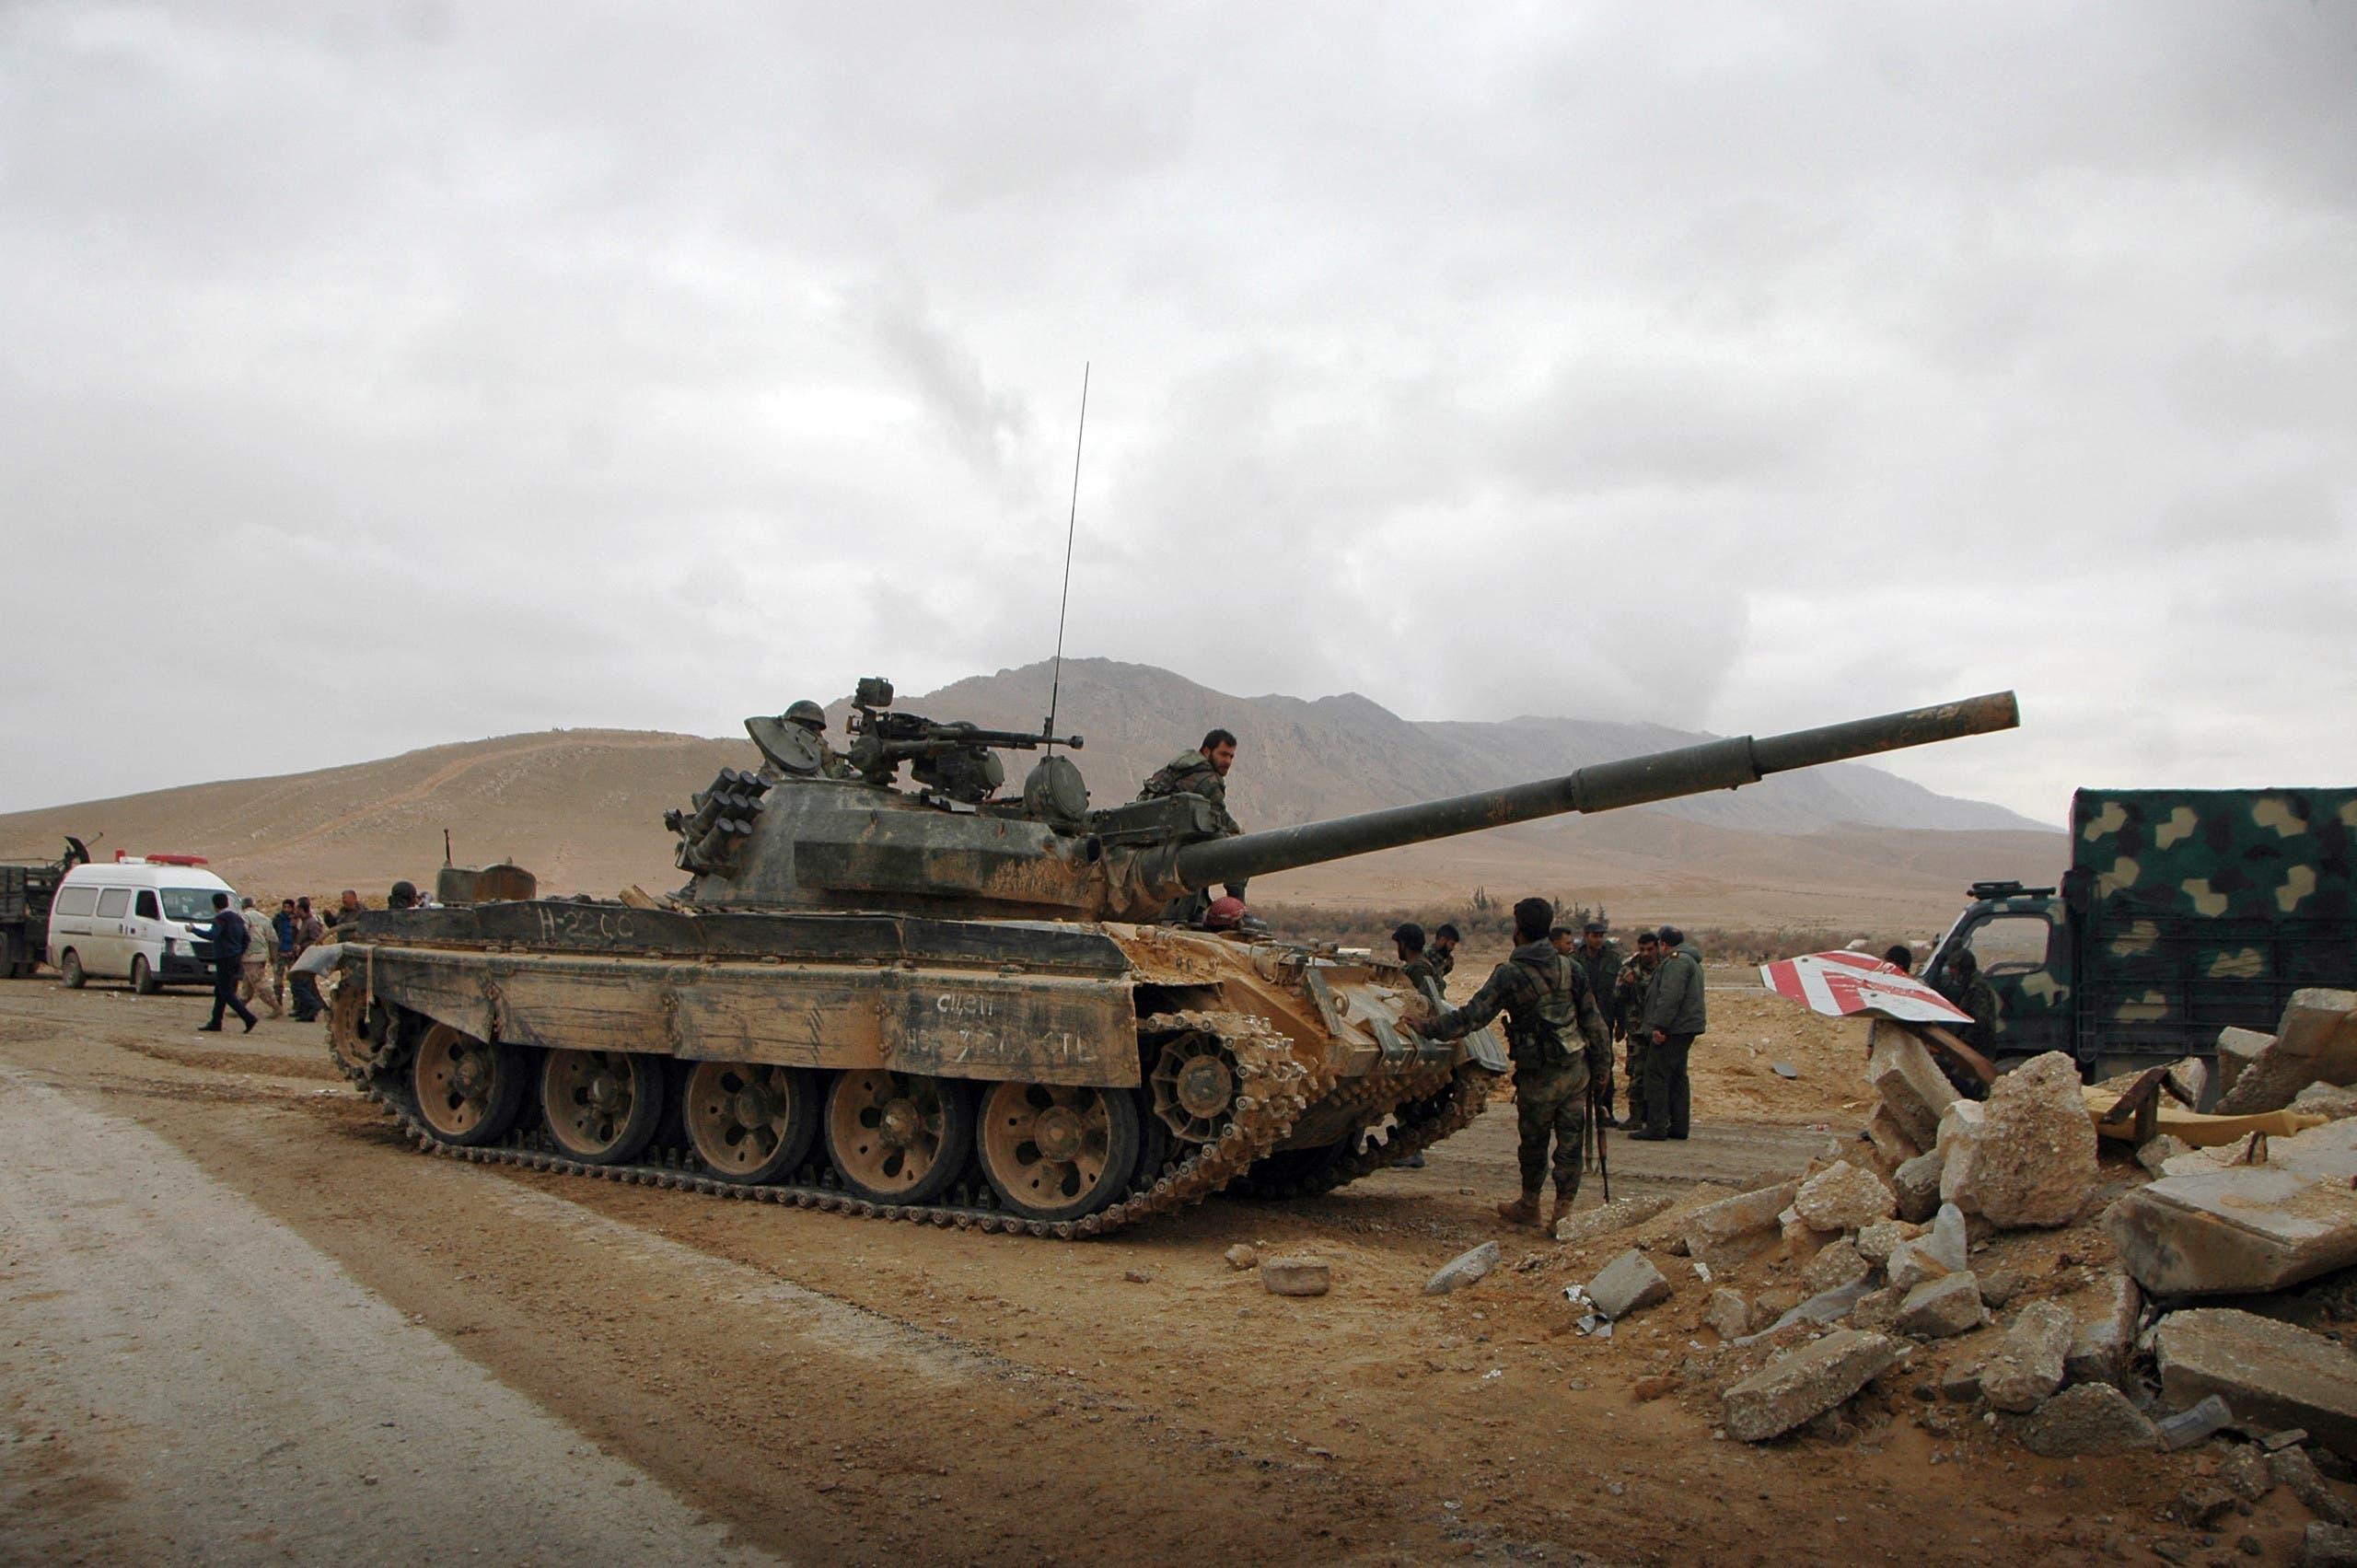 عناصر من قوات النظام السوري في محيط تدمر (أرشيفية)